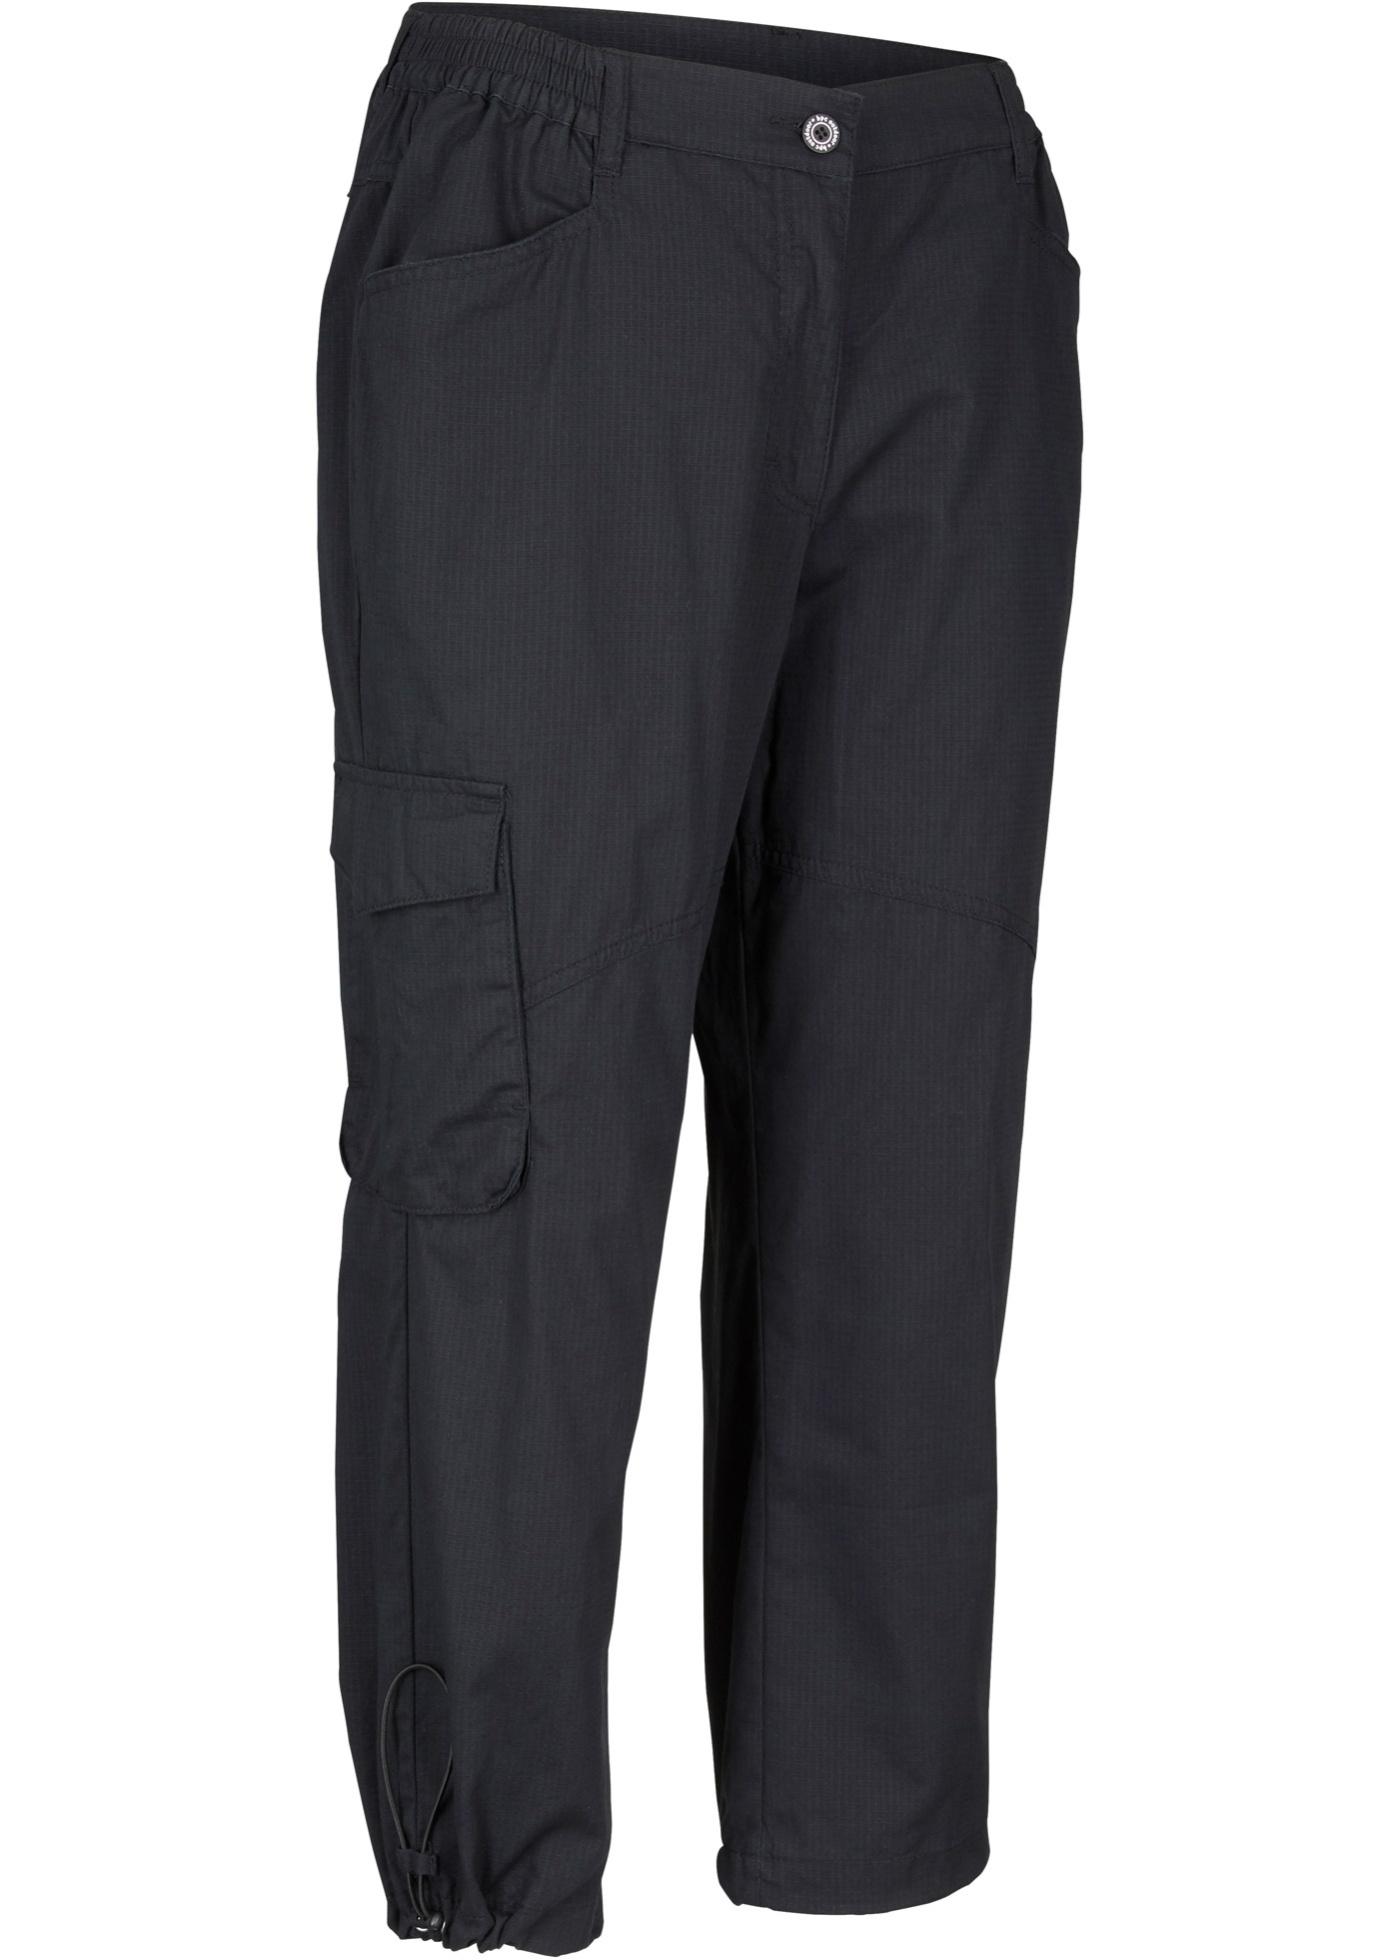 Bequeme Baumwoll-Trekkinghose, kurz in schwarz für Damen von bonprix